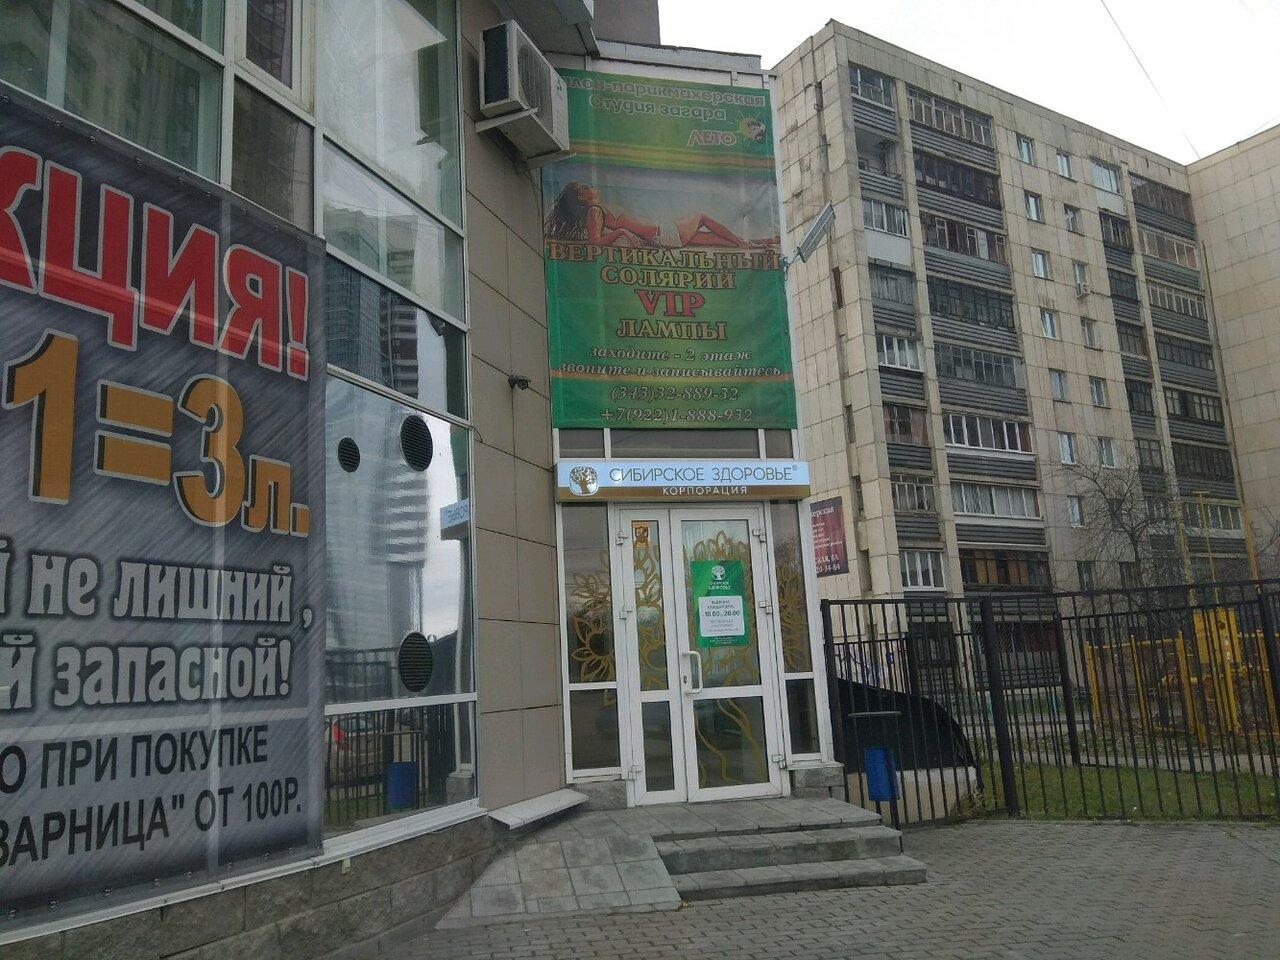 сибирское здоровье ул академика бардина 29 микрорайон юго-западный